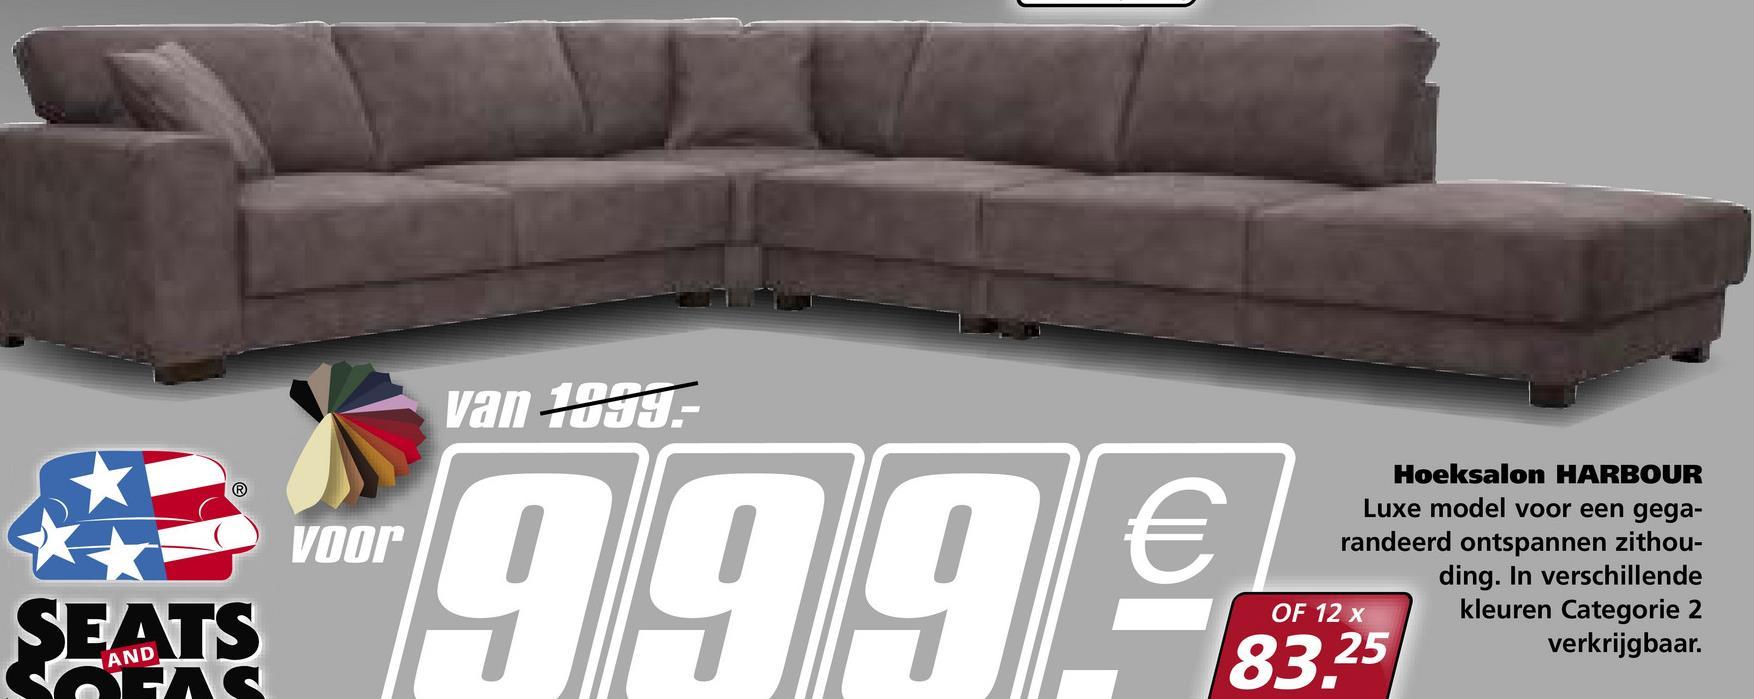 van 1839. voor -999 Hoeksalon HARBOUR Luxe model voor een gega- randeerd ontspannen zithou- ding. In verschillende OF 12 x kleuren Categorie 2 verkrijgbaar. AND 83,25